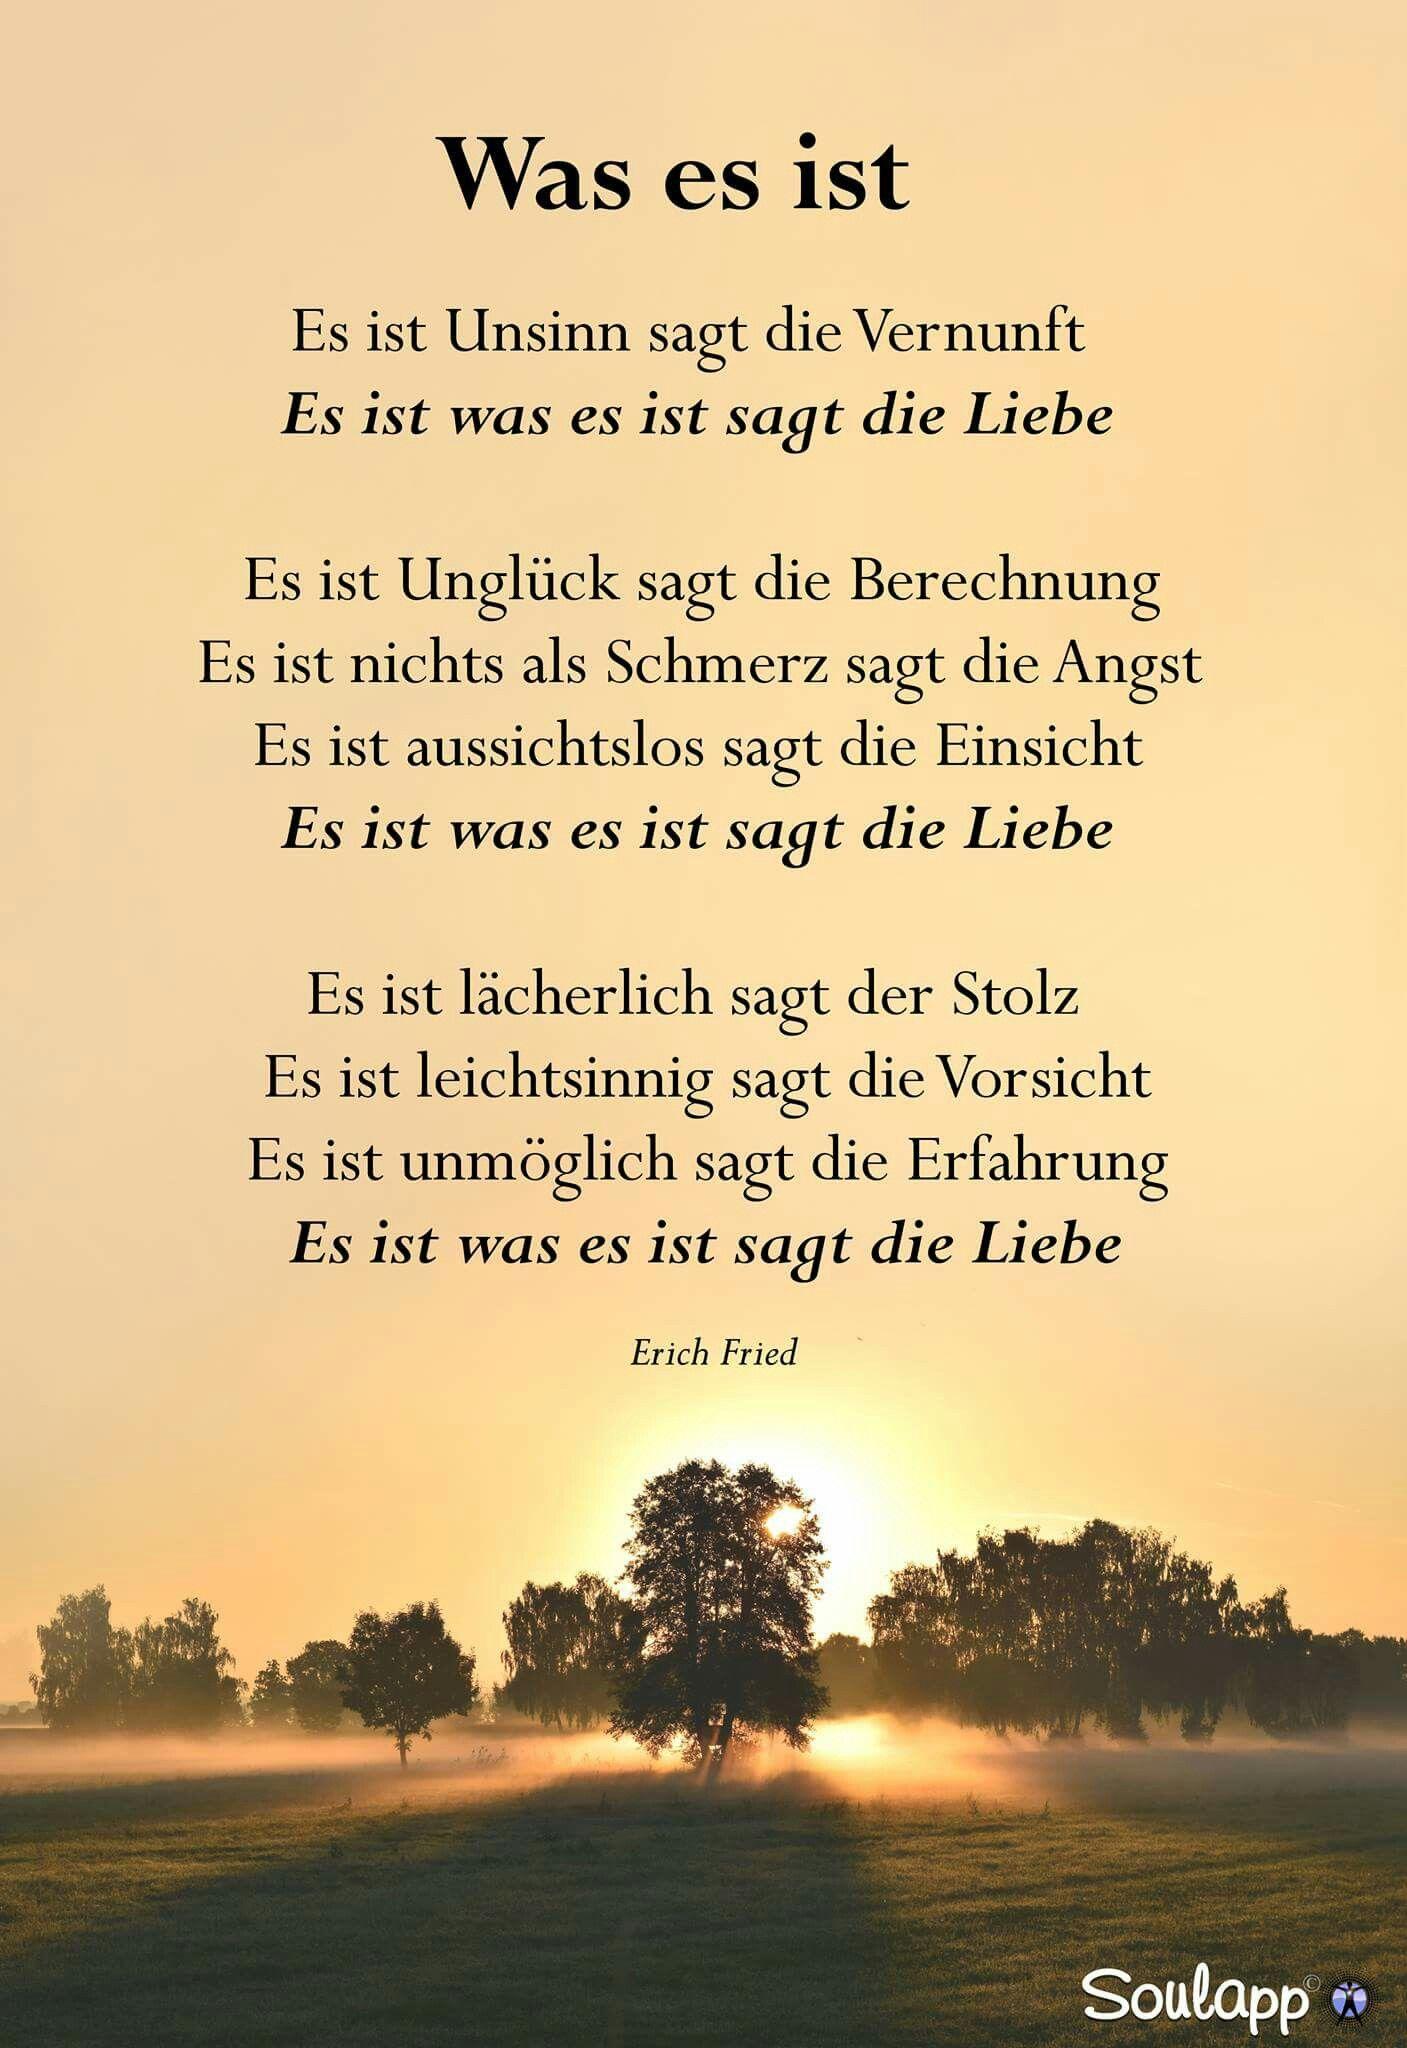 Pin von Teilzeit Engel auf Leben | Quotes, Poems und Man in love